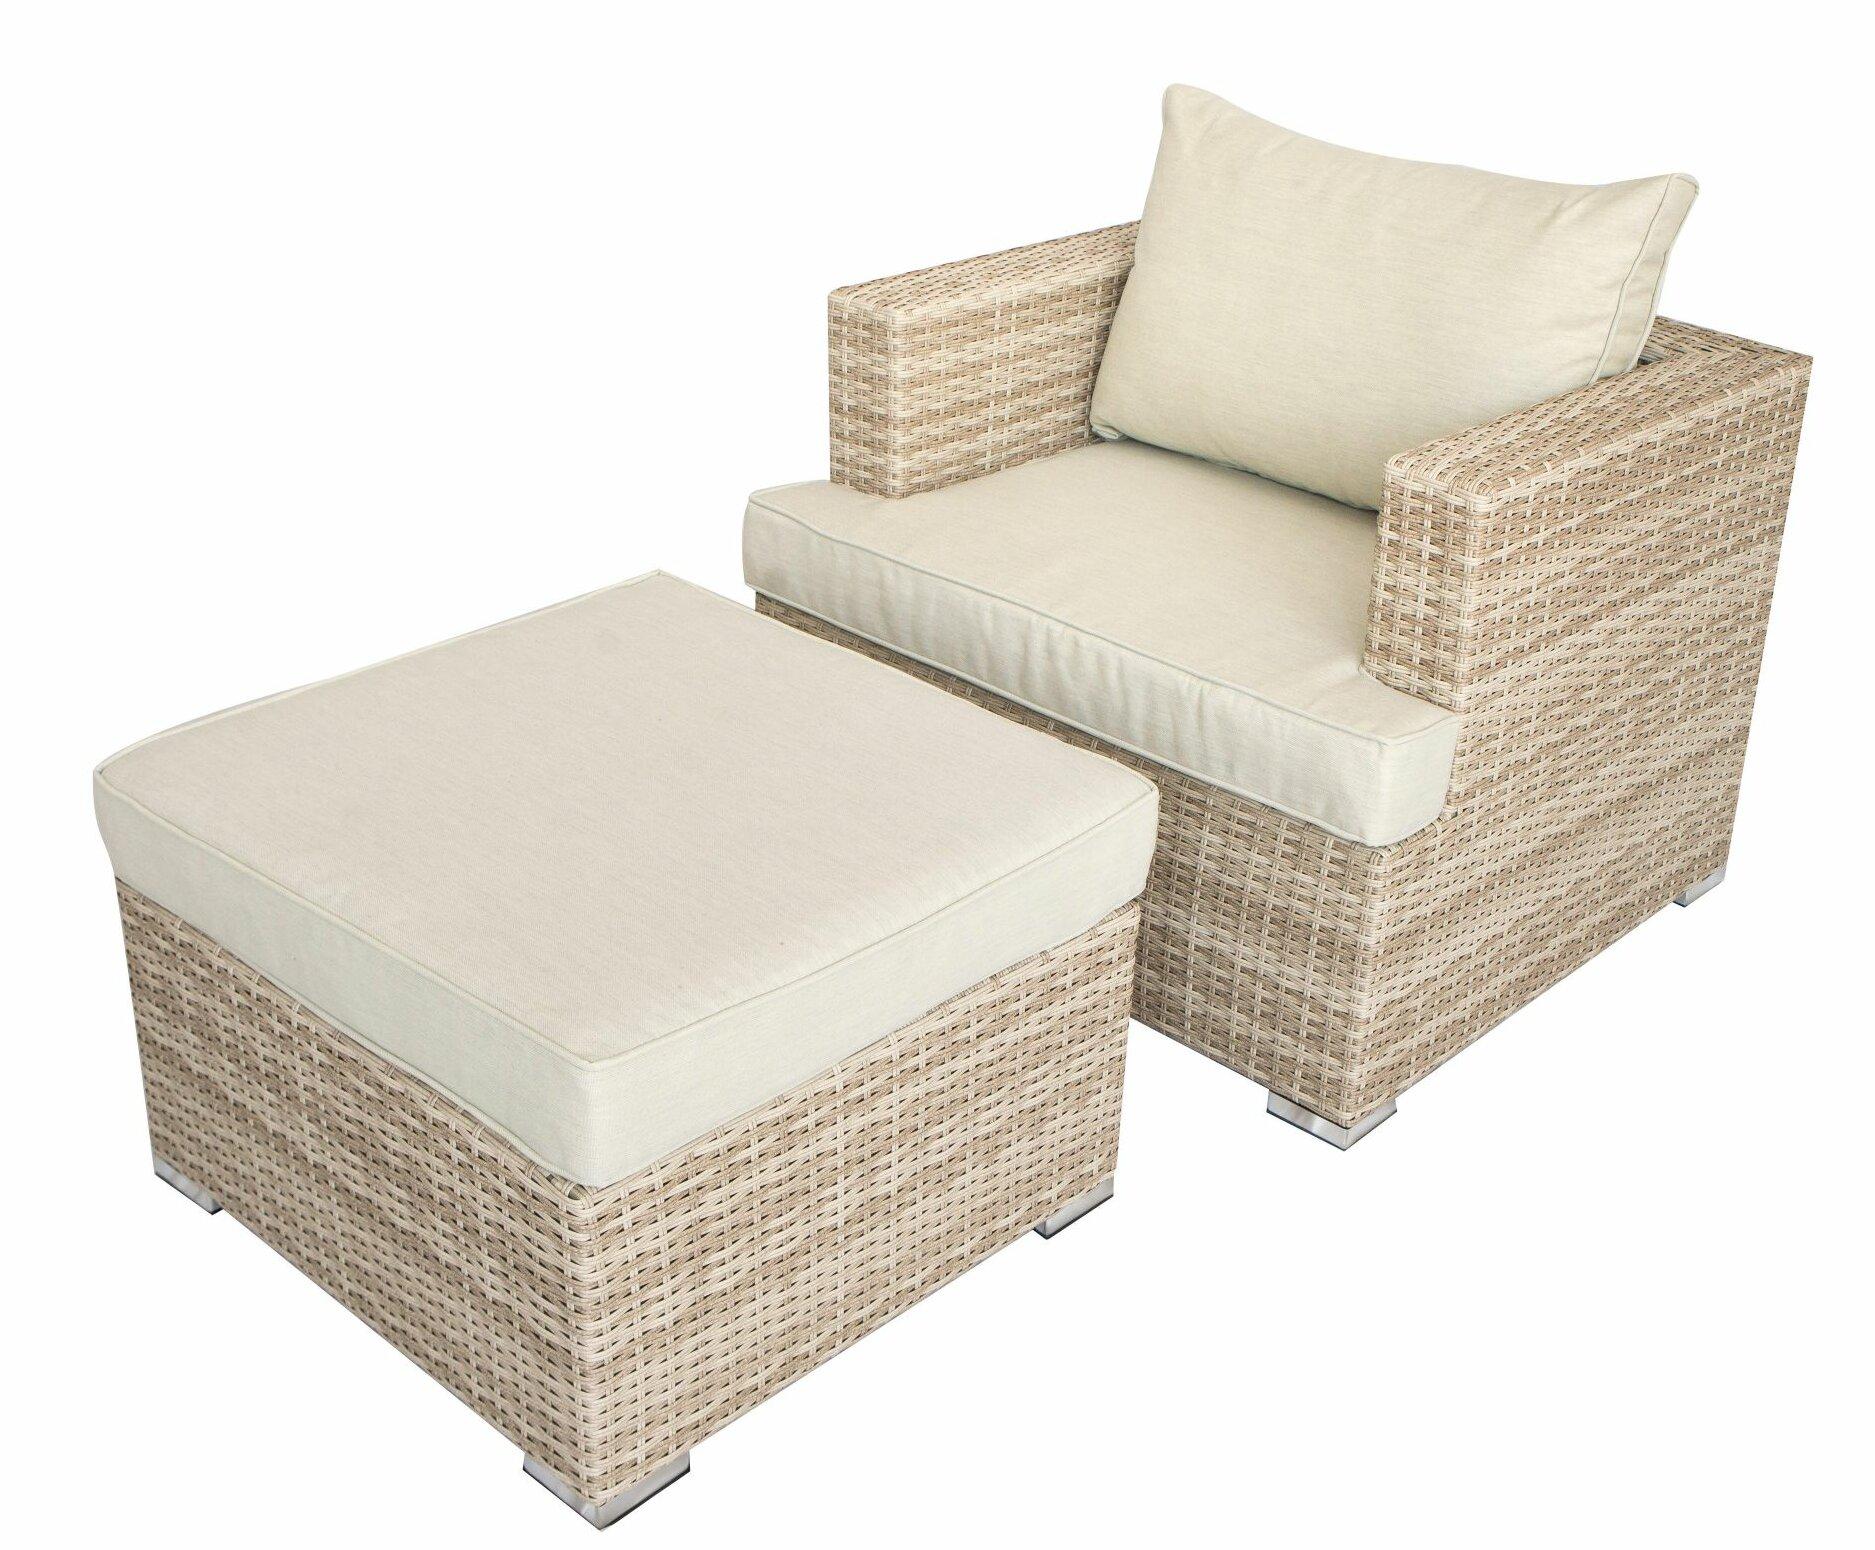 rosecliff heights ensemble de chaise et repose pieds 2 pieces avec coussins rembourres en tissu rembourres beige et brun santino c